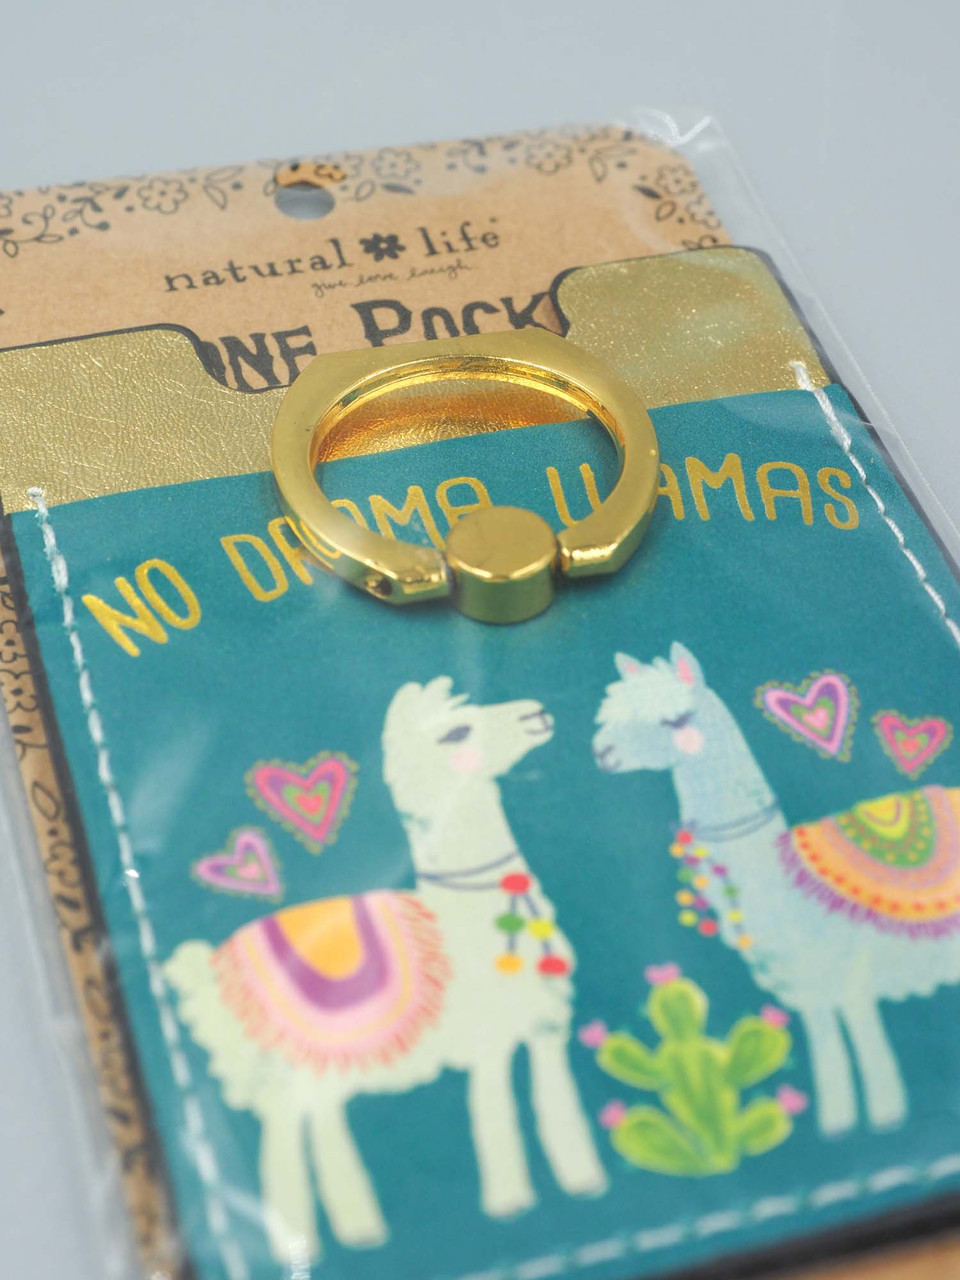 no drama llamas phone pocket ring natural life